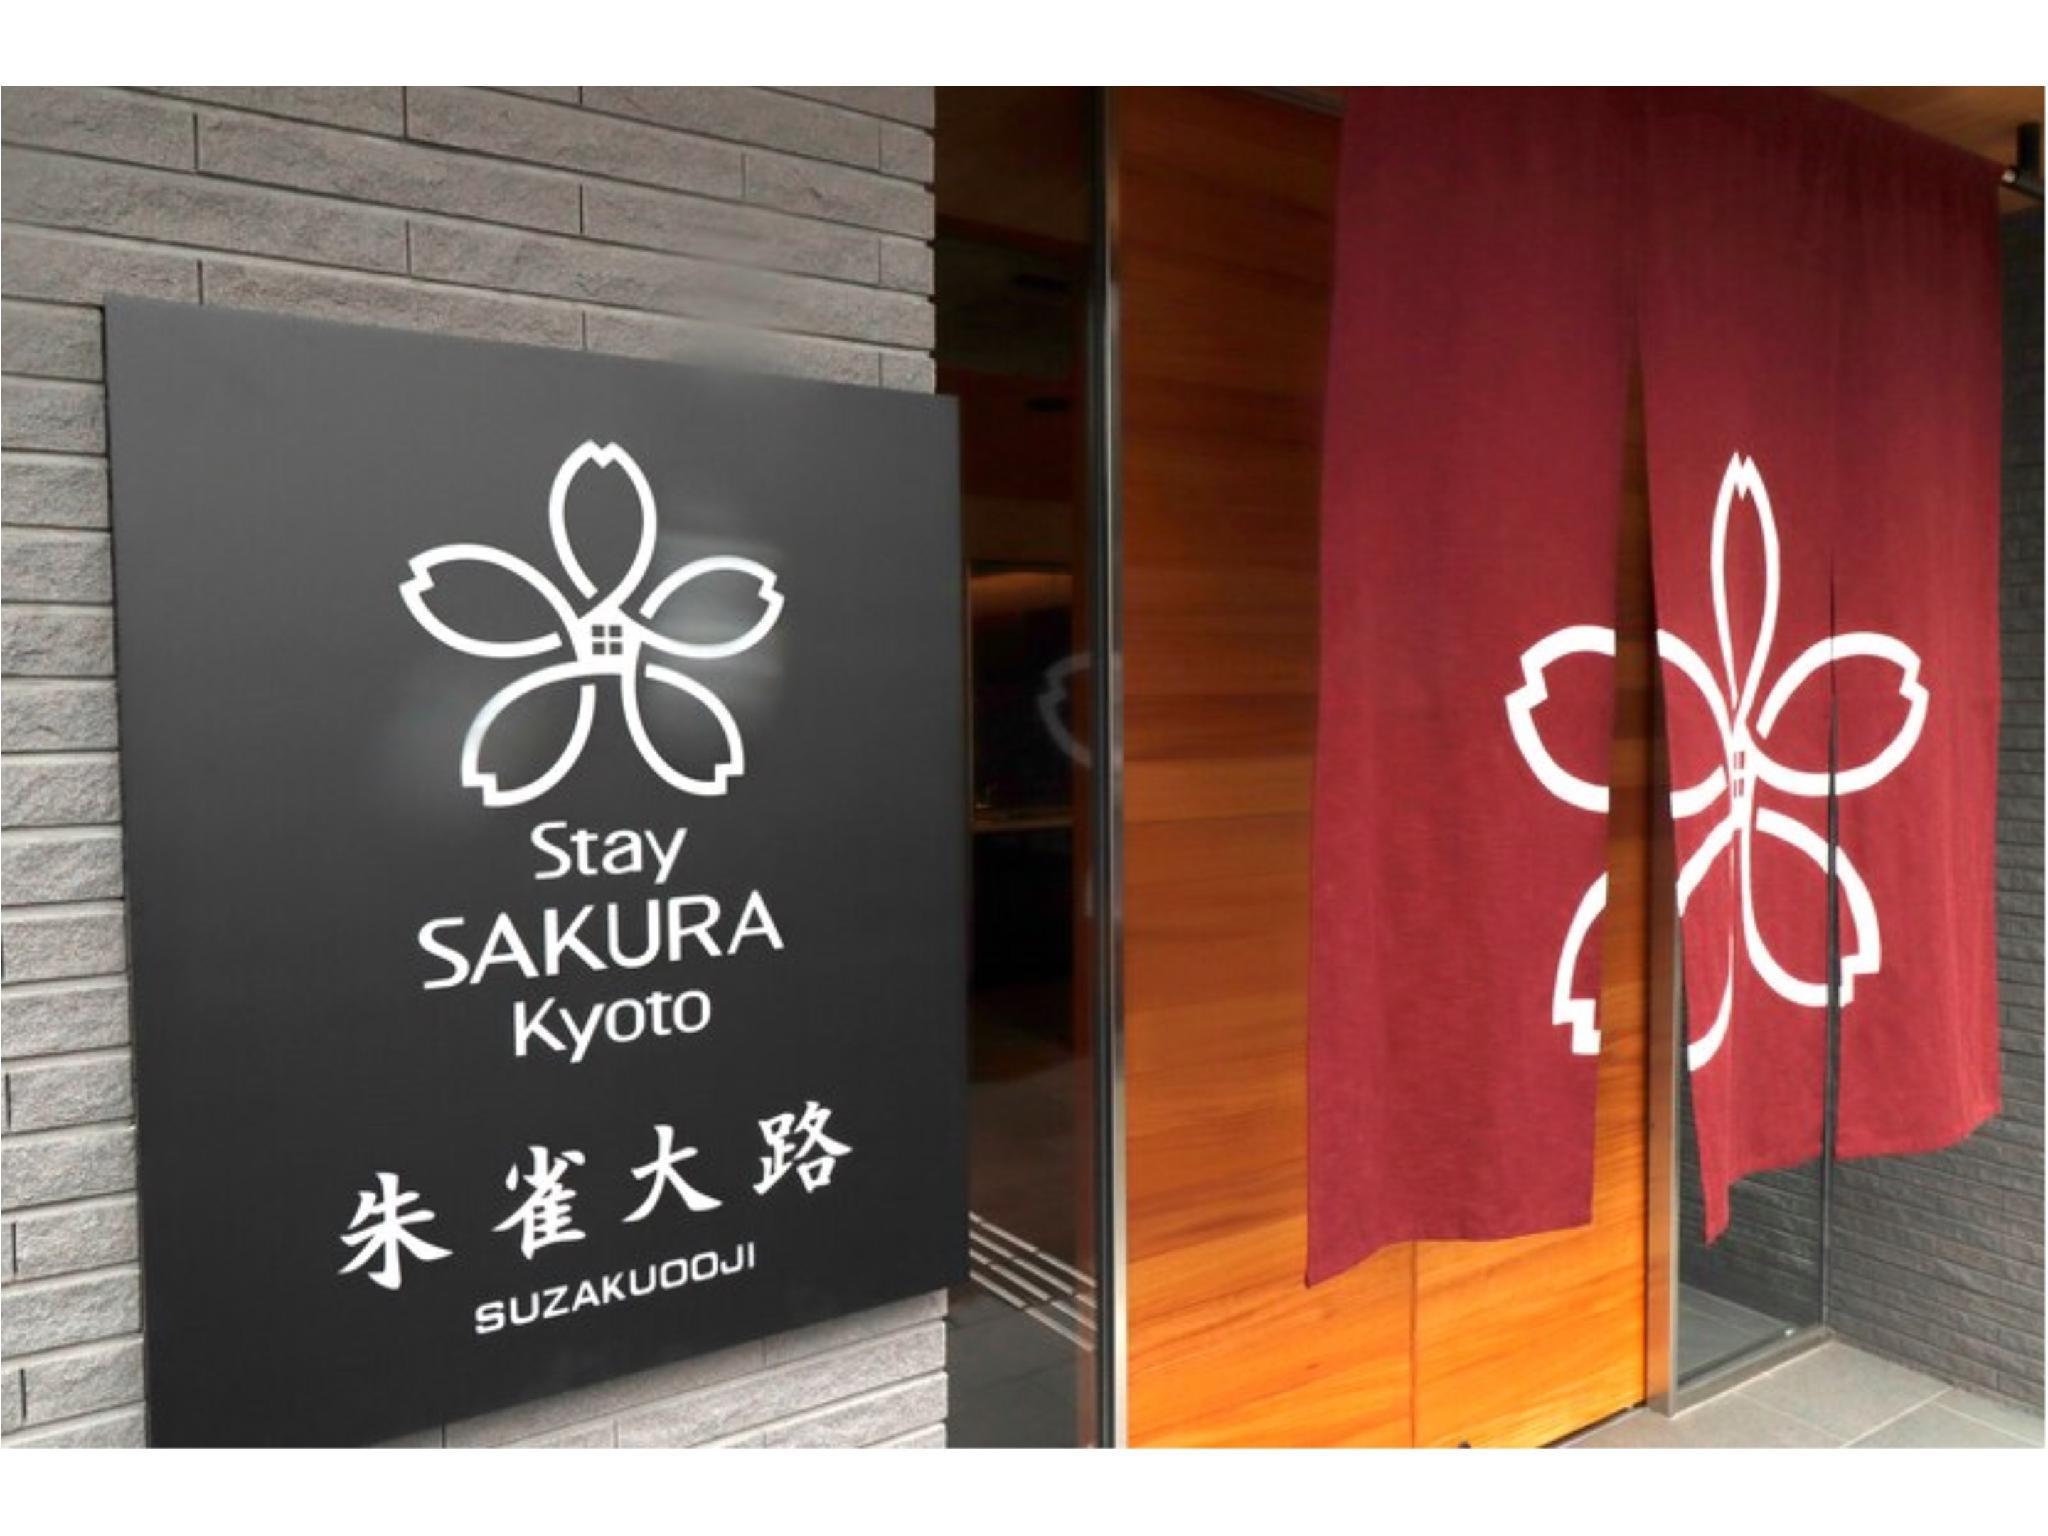 Stay Sakiura Kyoto Suzaku Oji